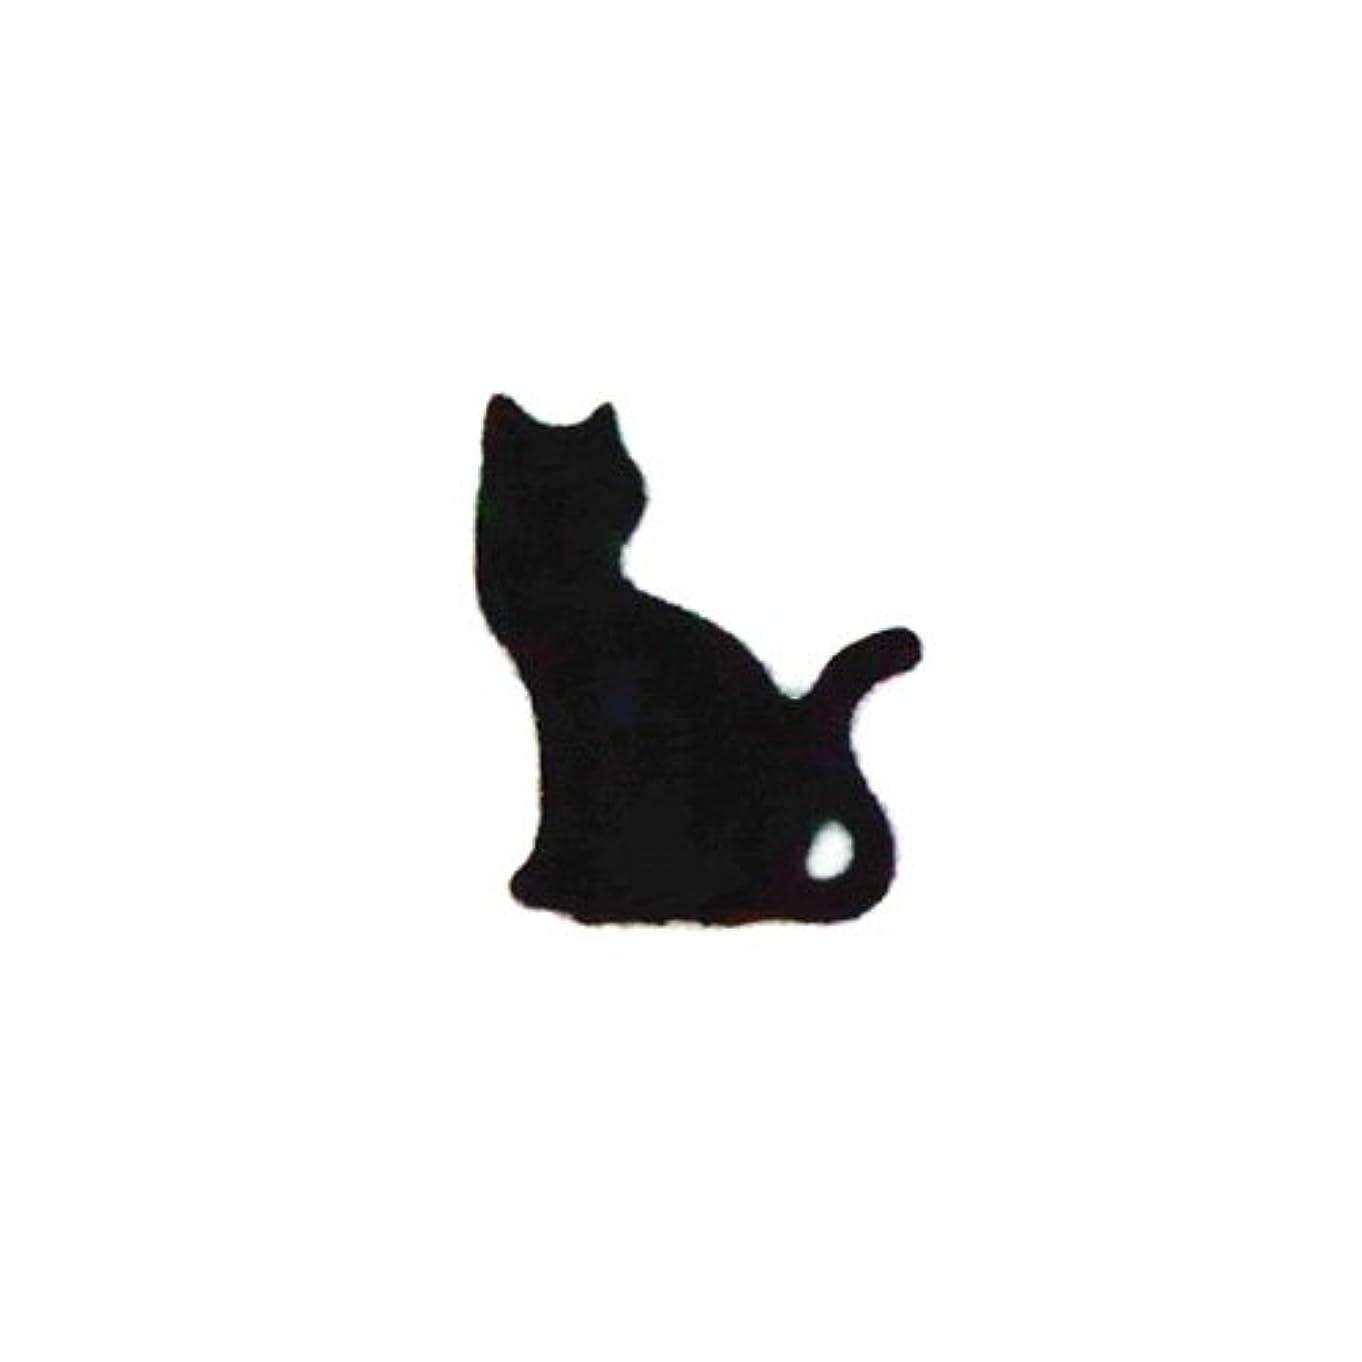 アルカトラズ島再撮りリップリトルプリティー ネイルアートパーツ 猫3 ブラック 10個